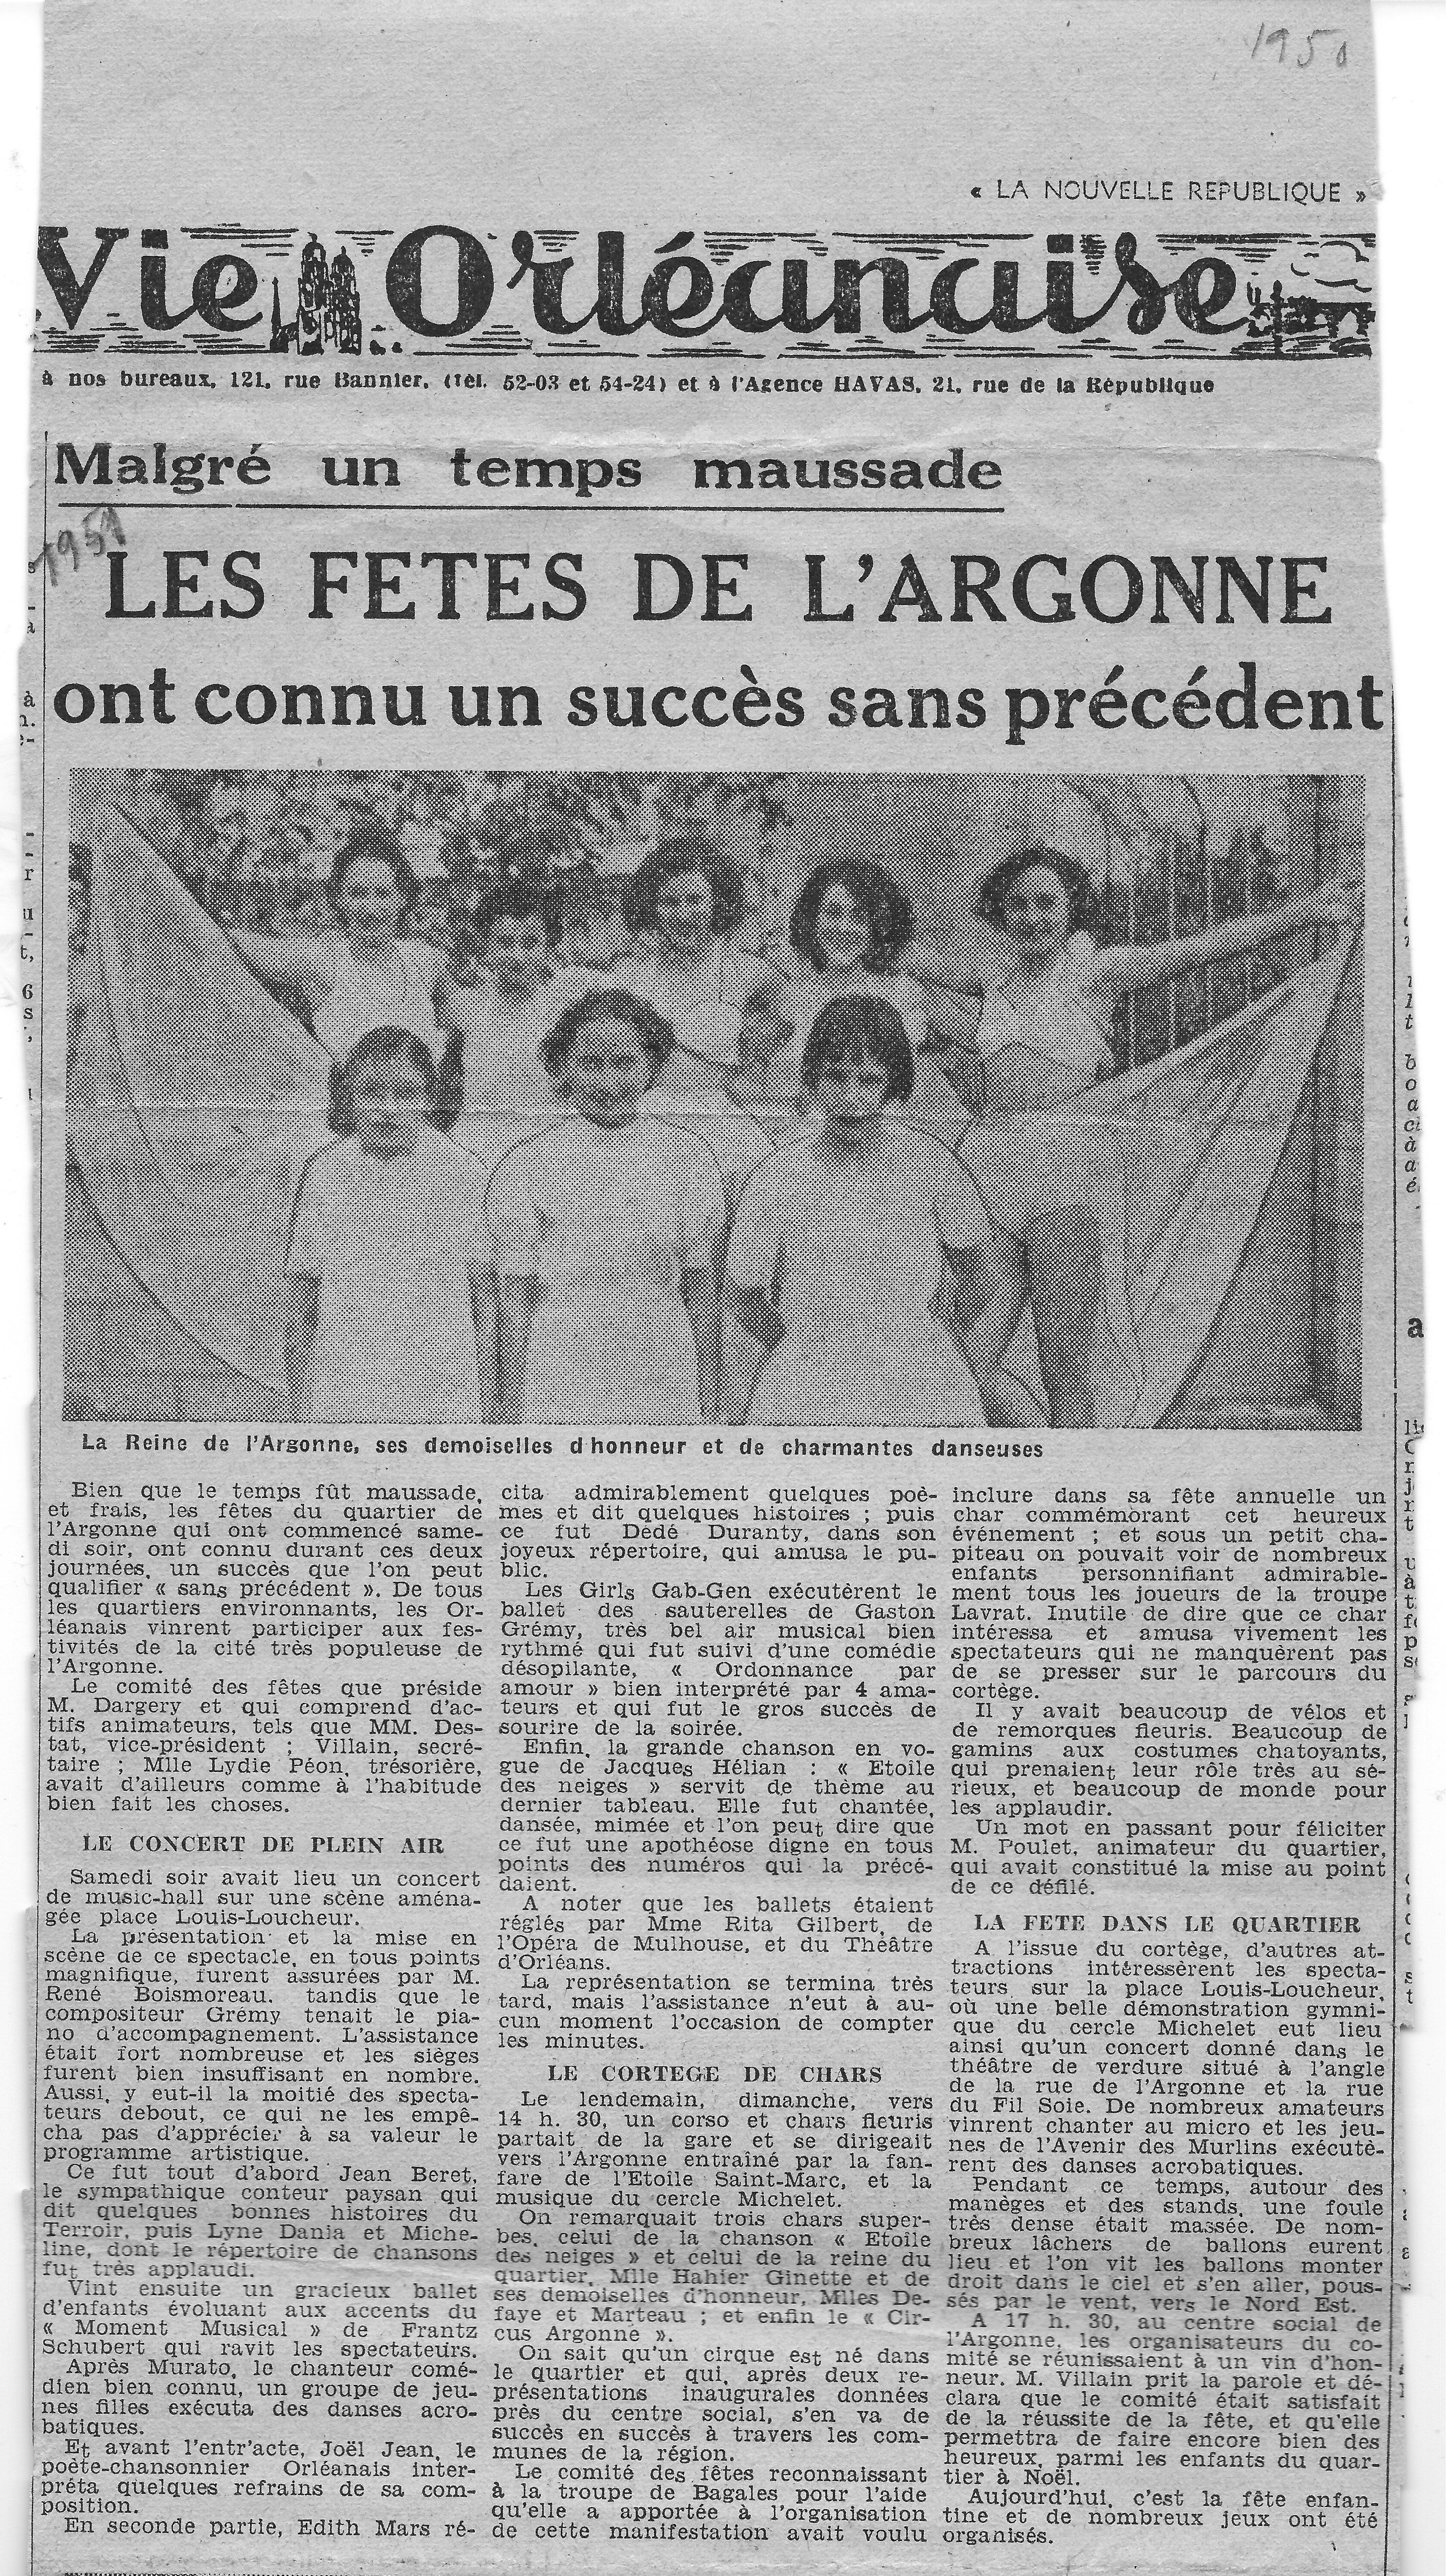 100-Docs-Lydie-Gascoin-56-Fête-de-lArgonne-1951-1